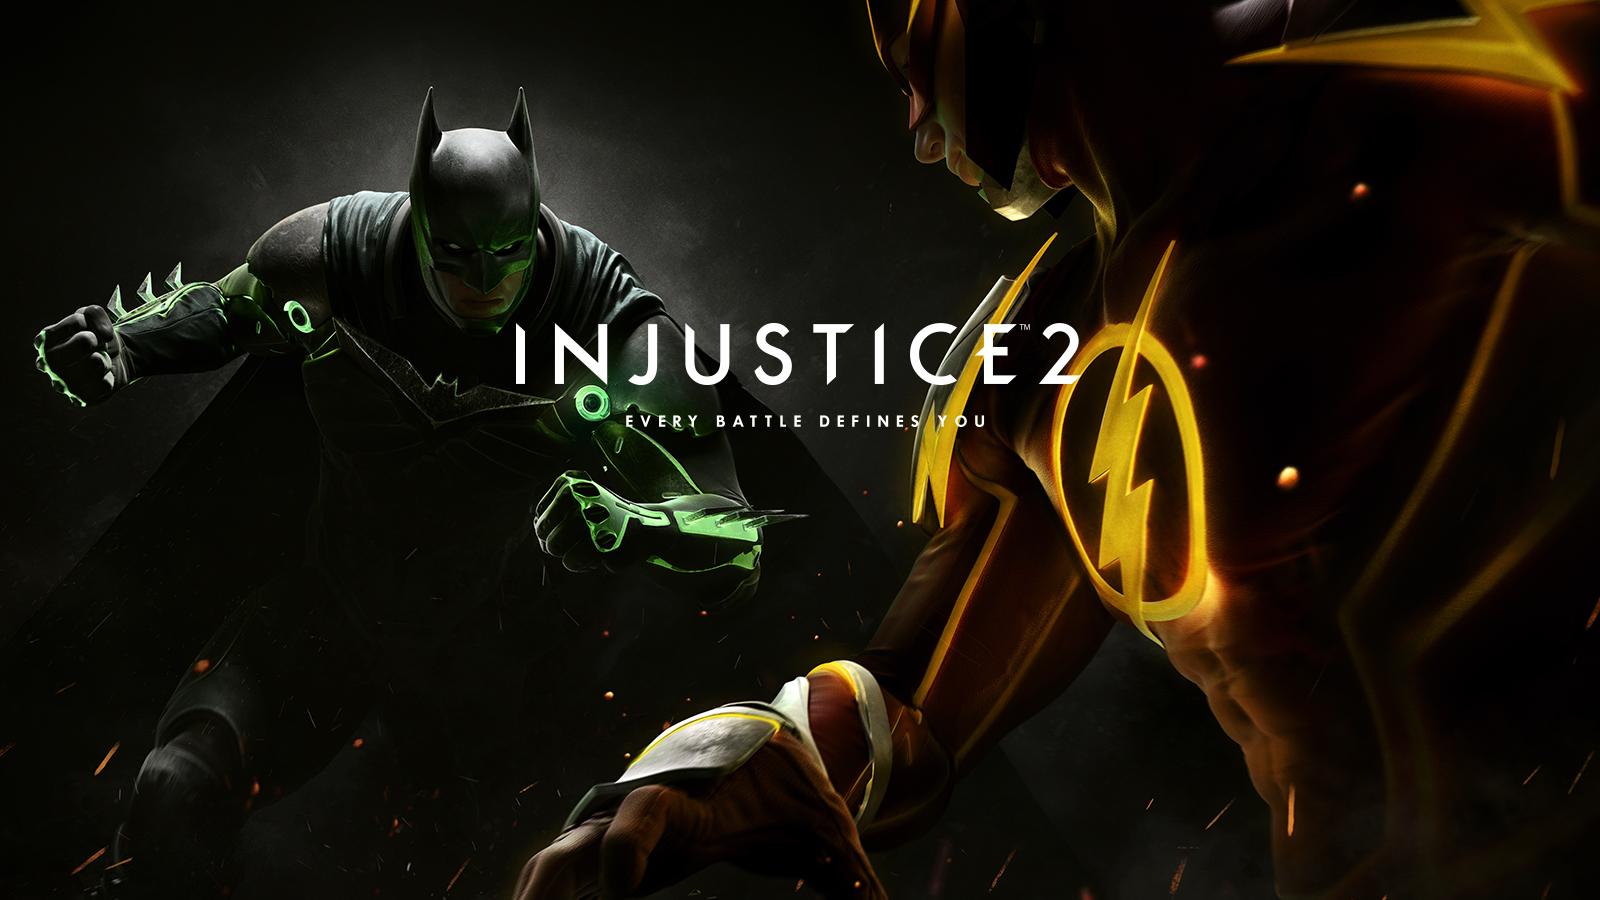 نقد و بررسی بازی Injustice 2؛ کارت بانکی میان سکه ها